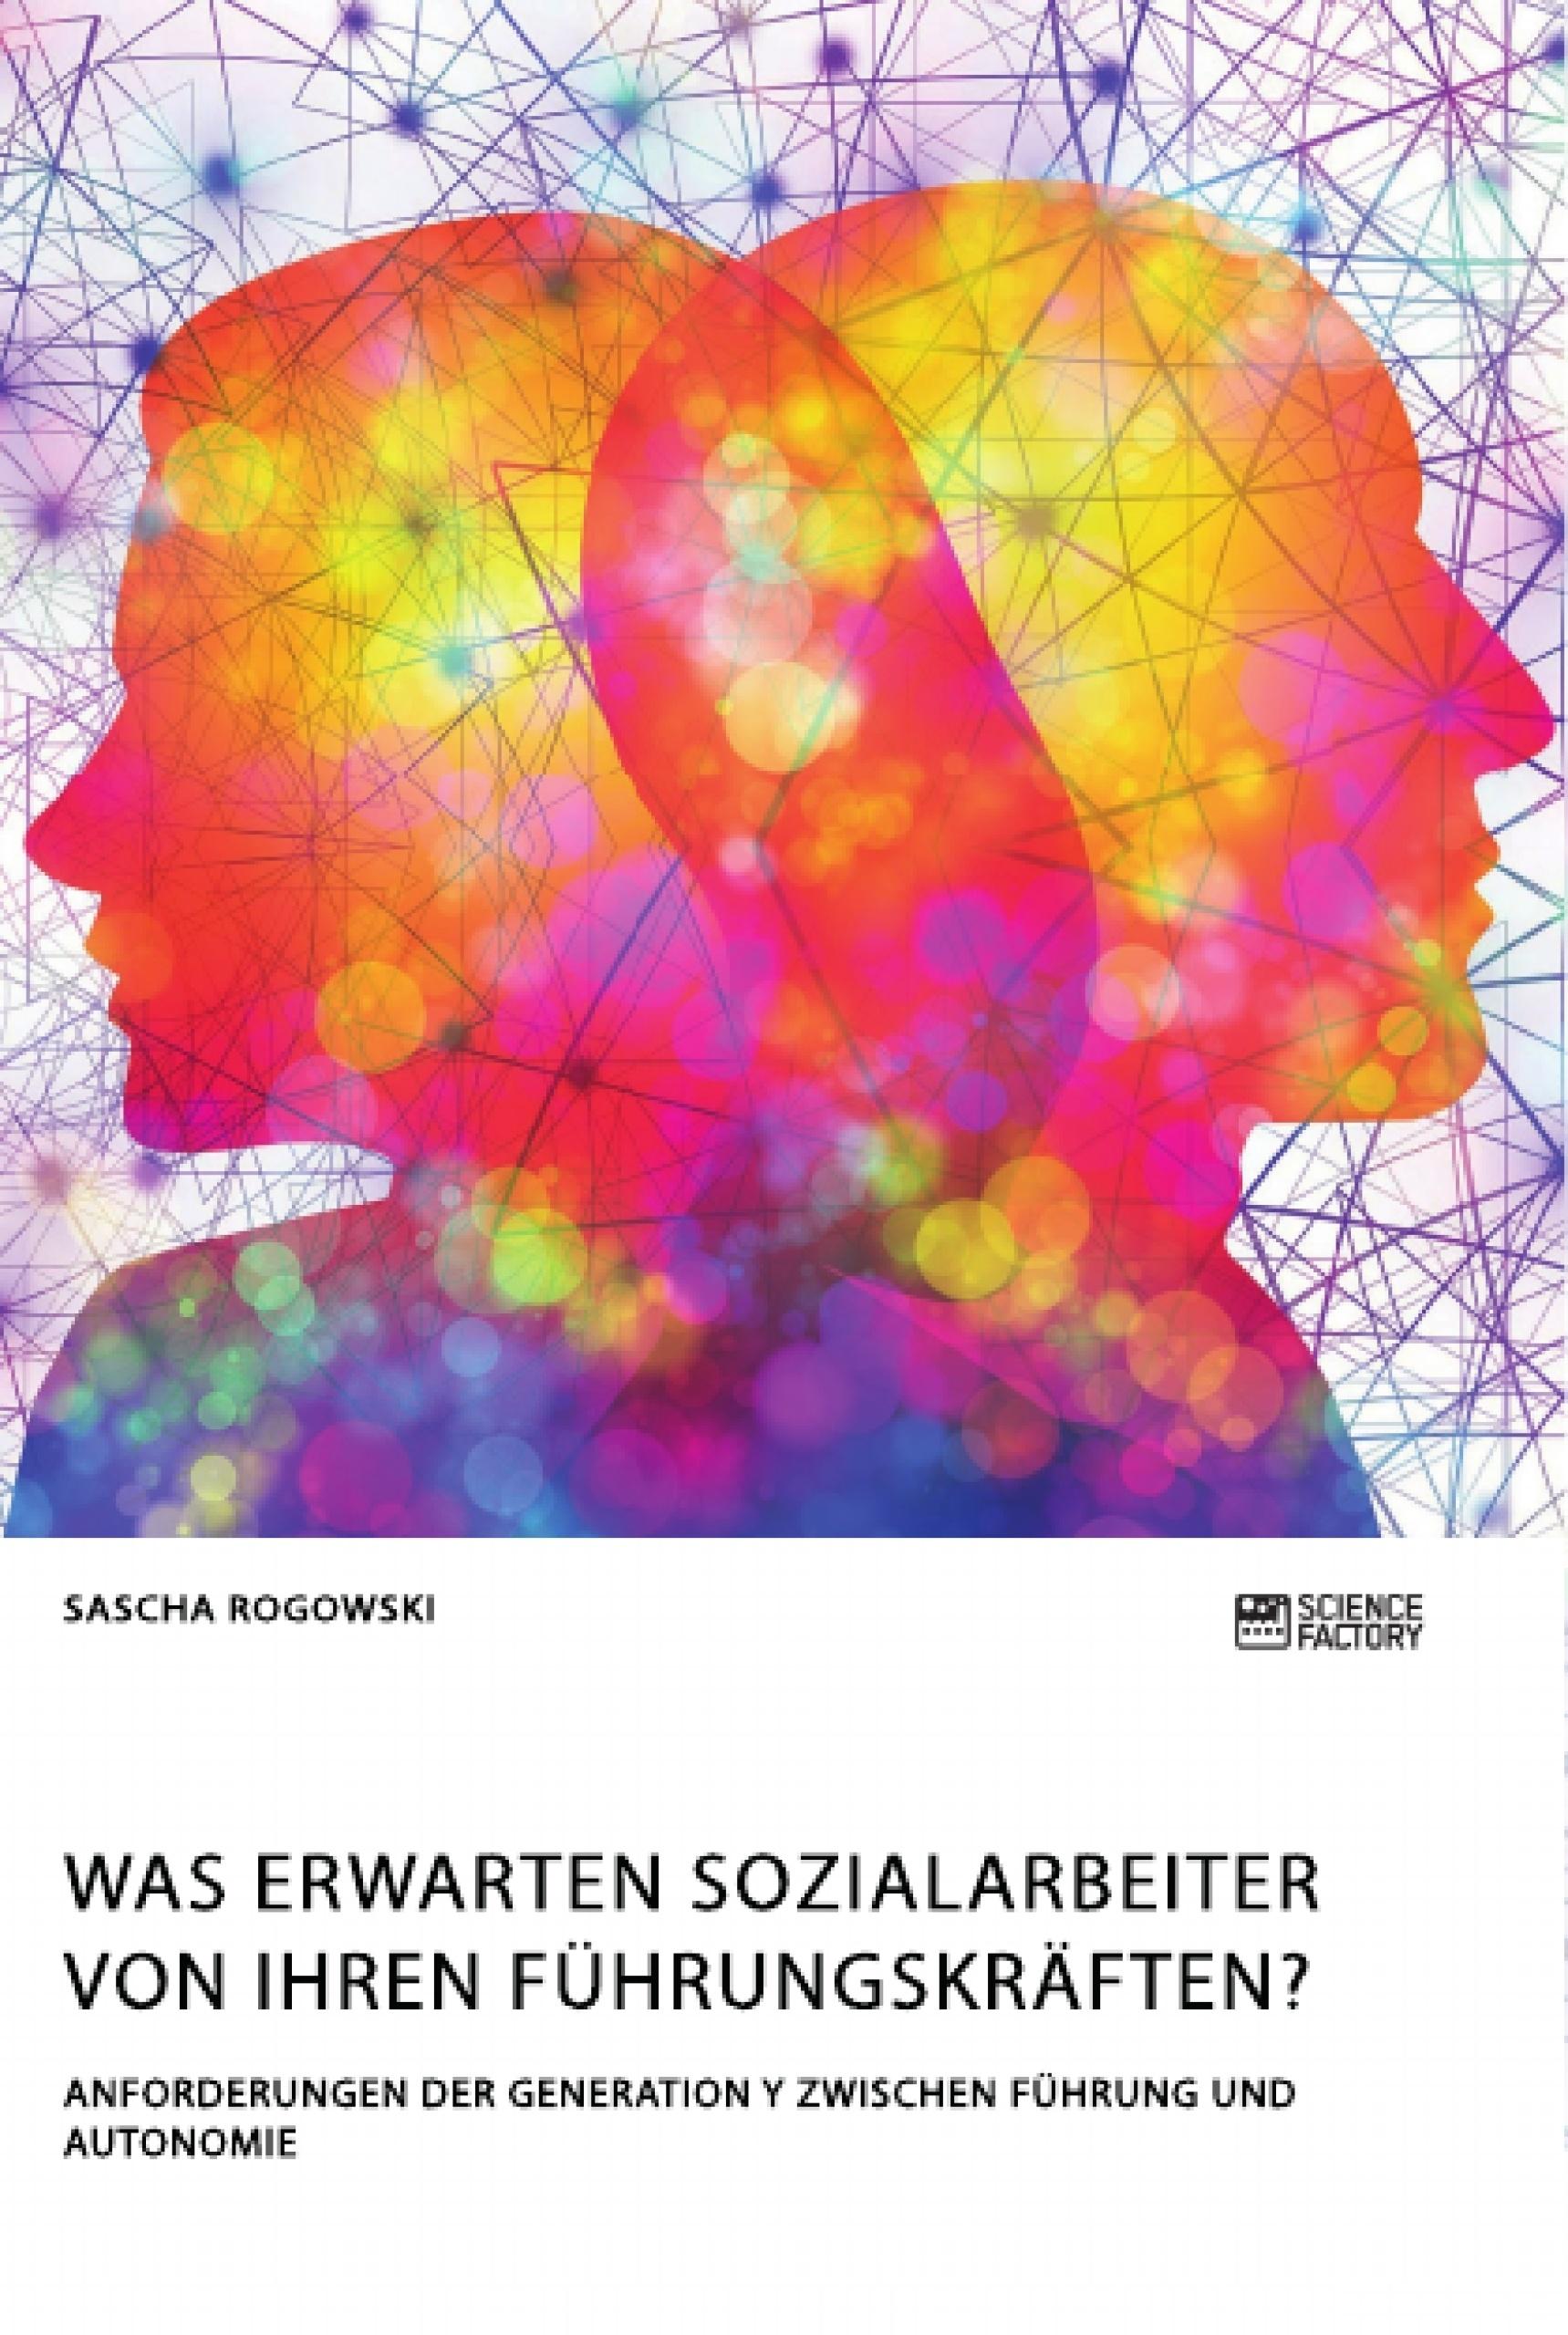 Titel: Was erwarten Sozialarbeiter von ihren Führungskräften? Anforderungen der Generation Y zwischen Führung und Autonomie